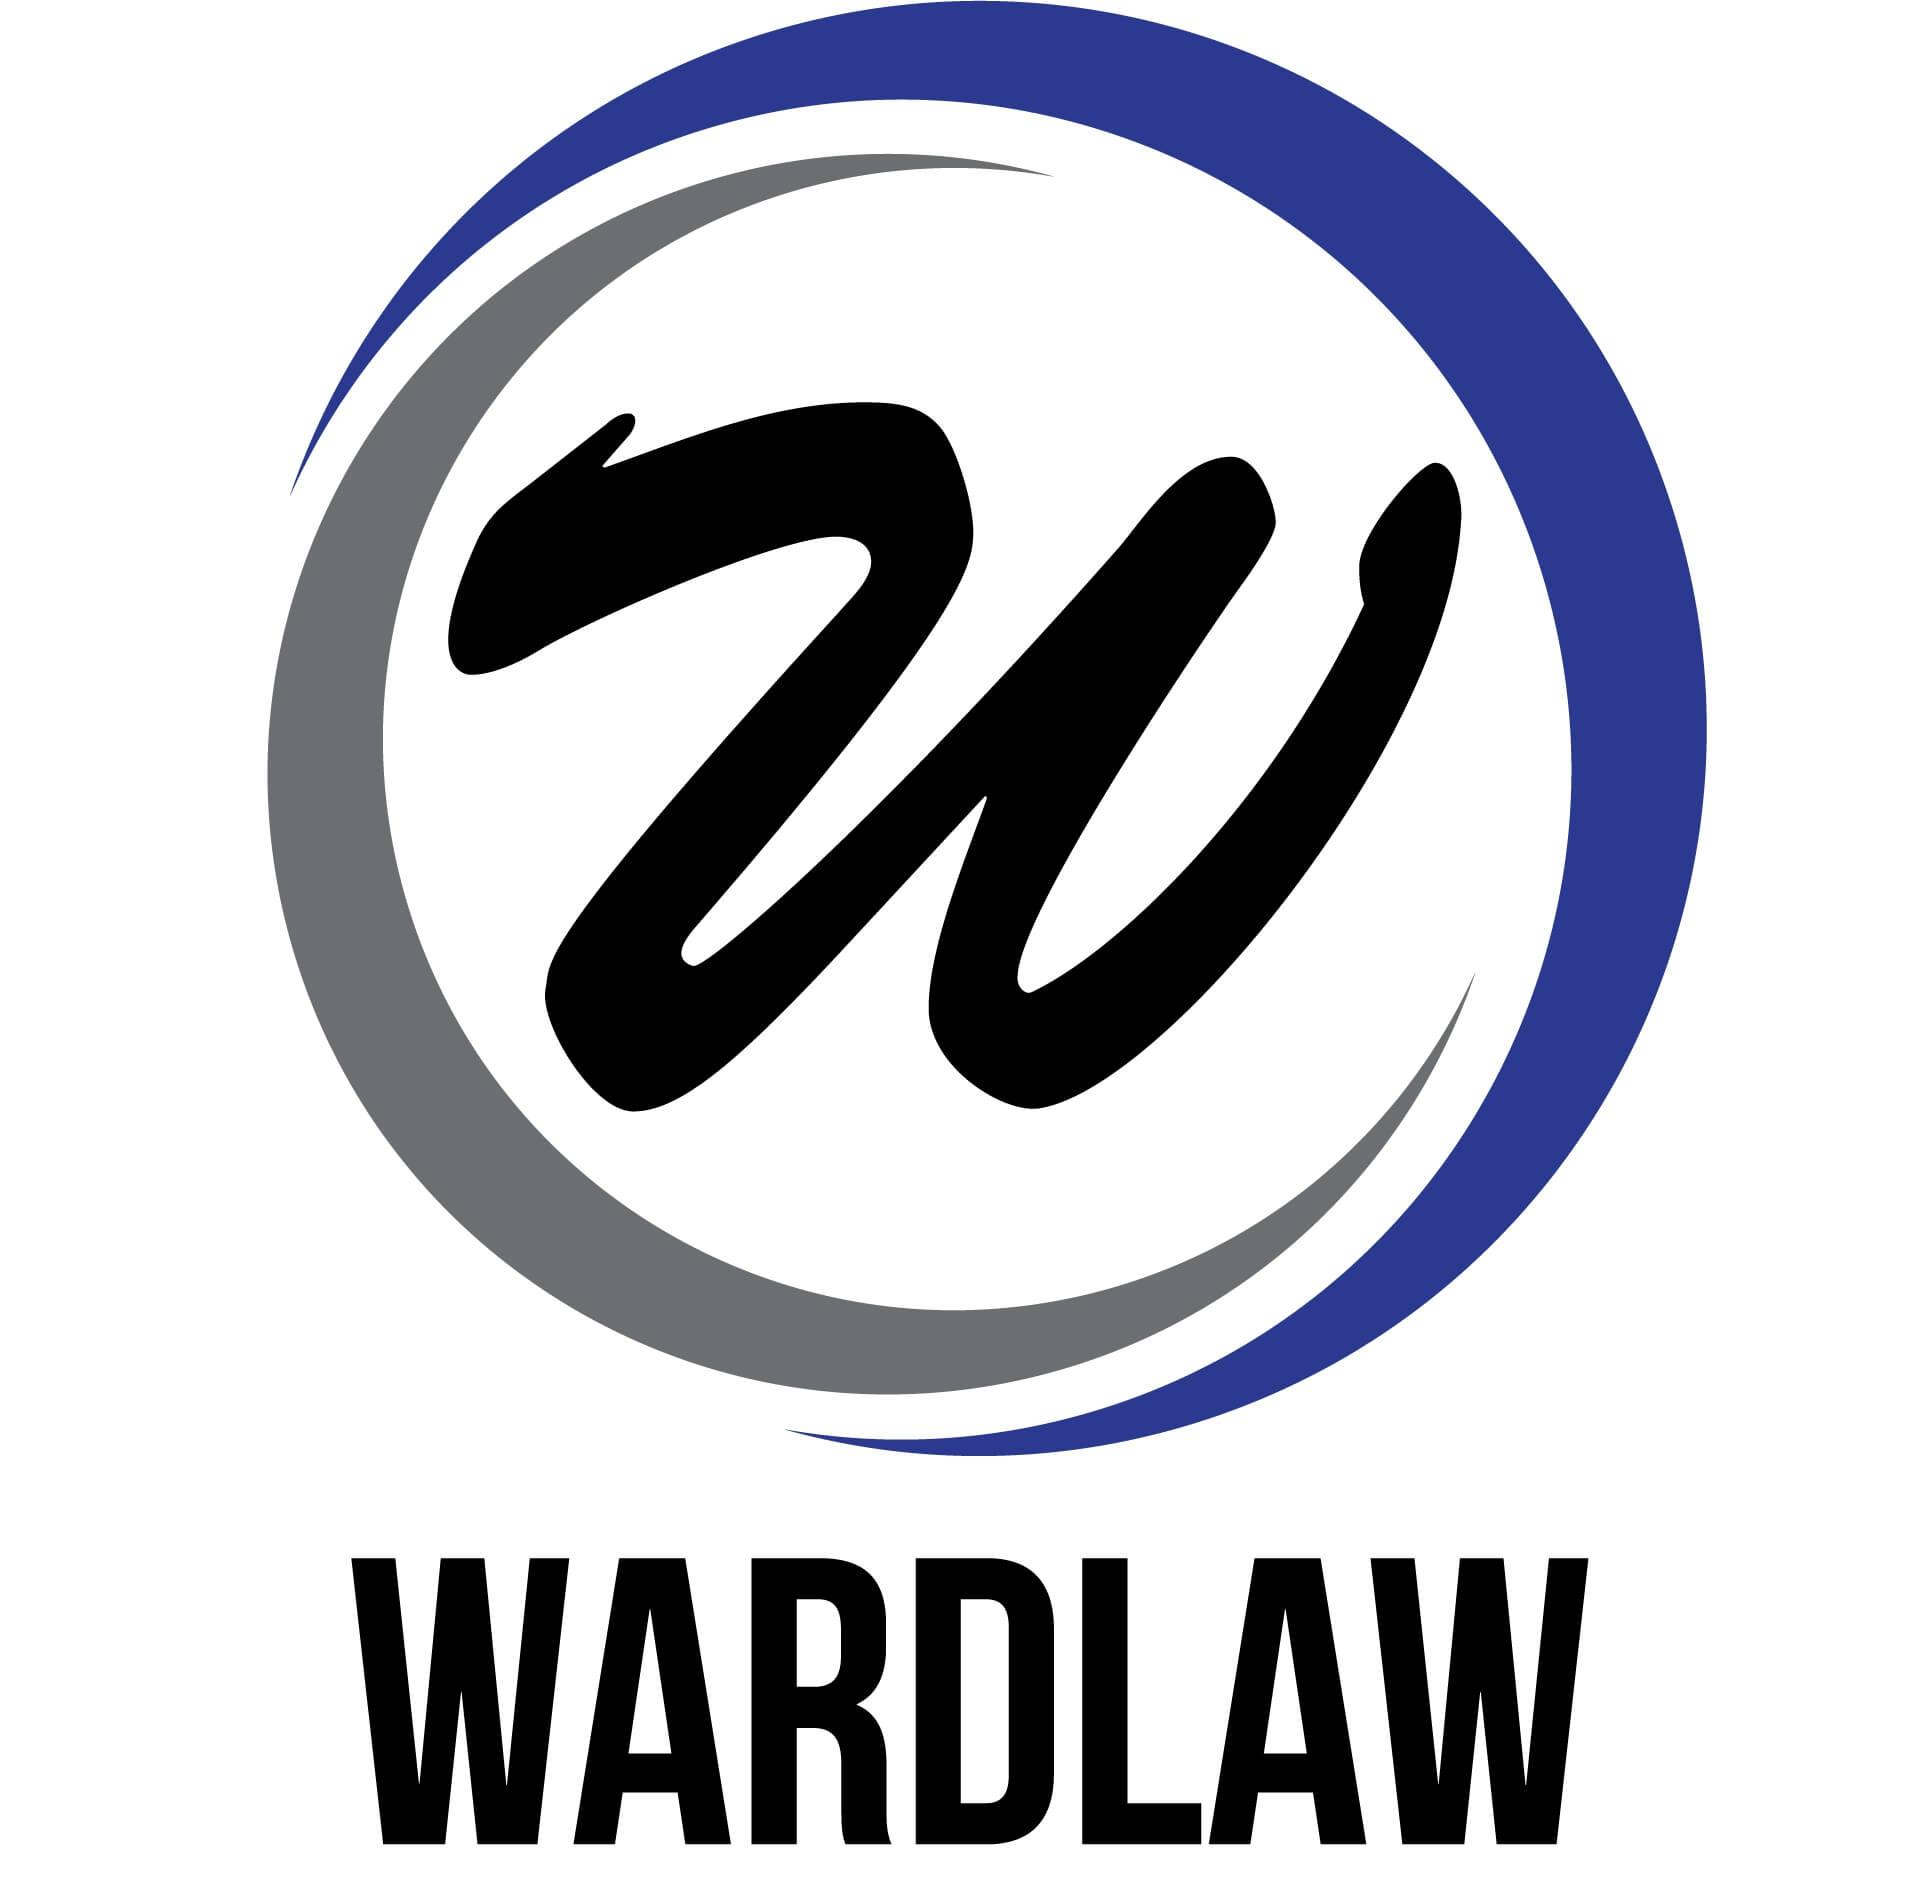 https://talexespartners.com/wp-content/uploads/2015/09/Wardlaw-no-descriptors.jpg